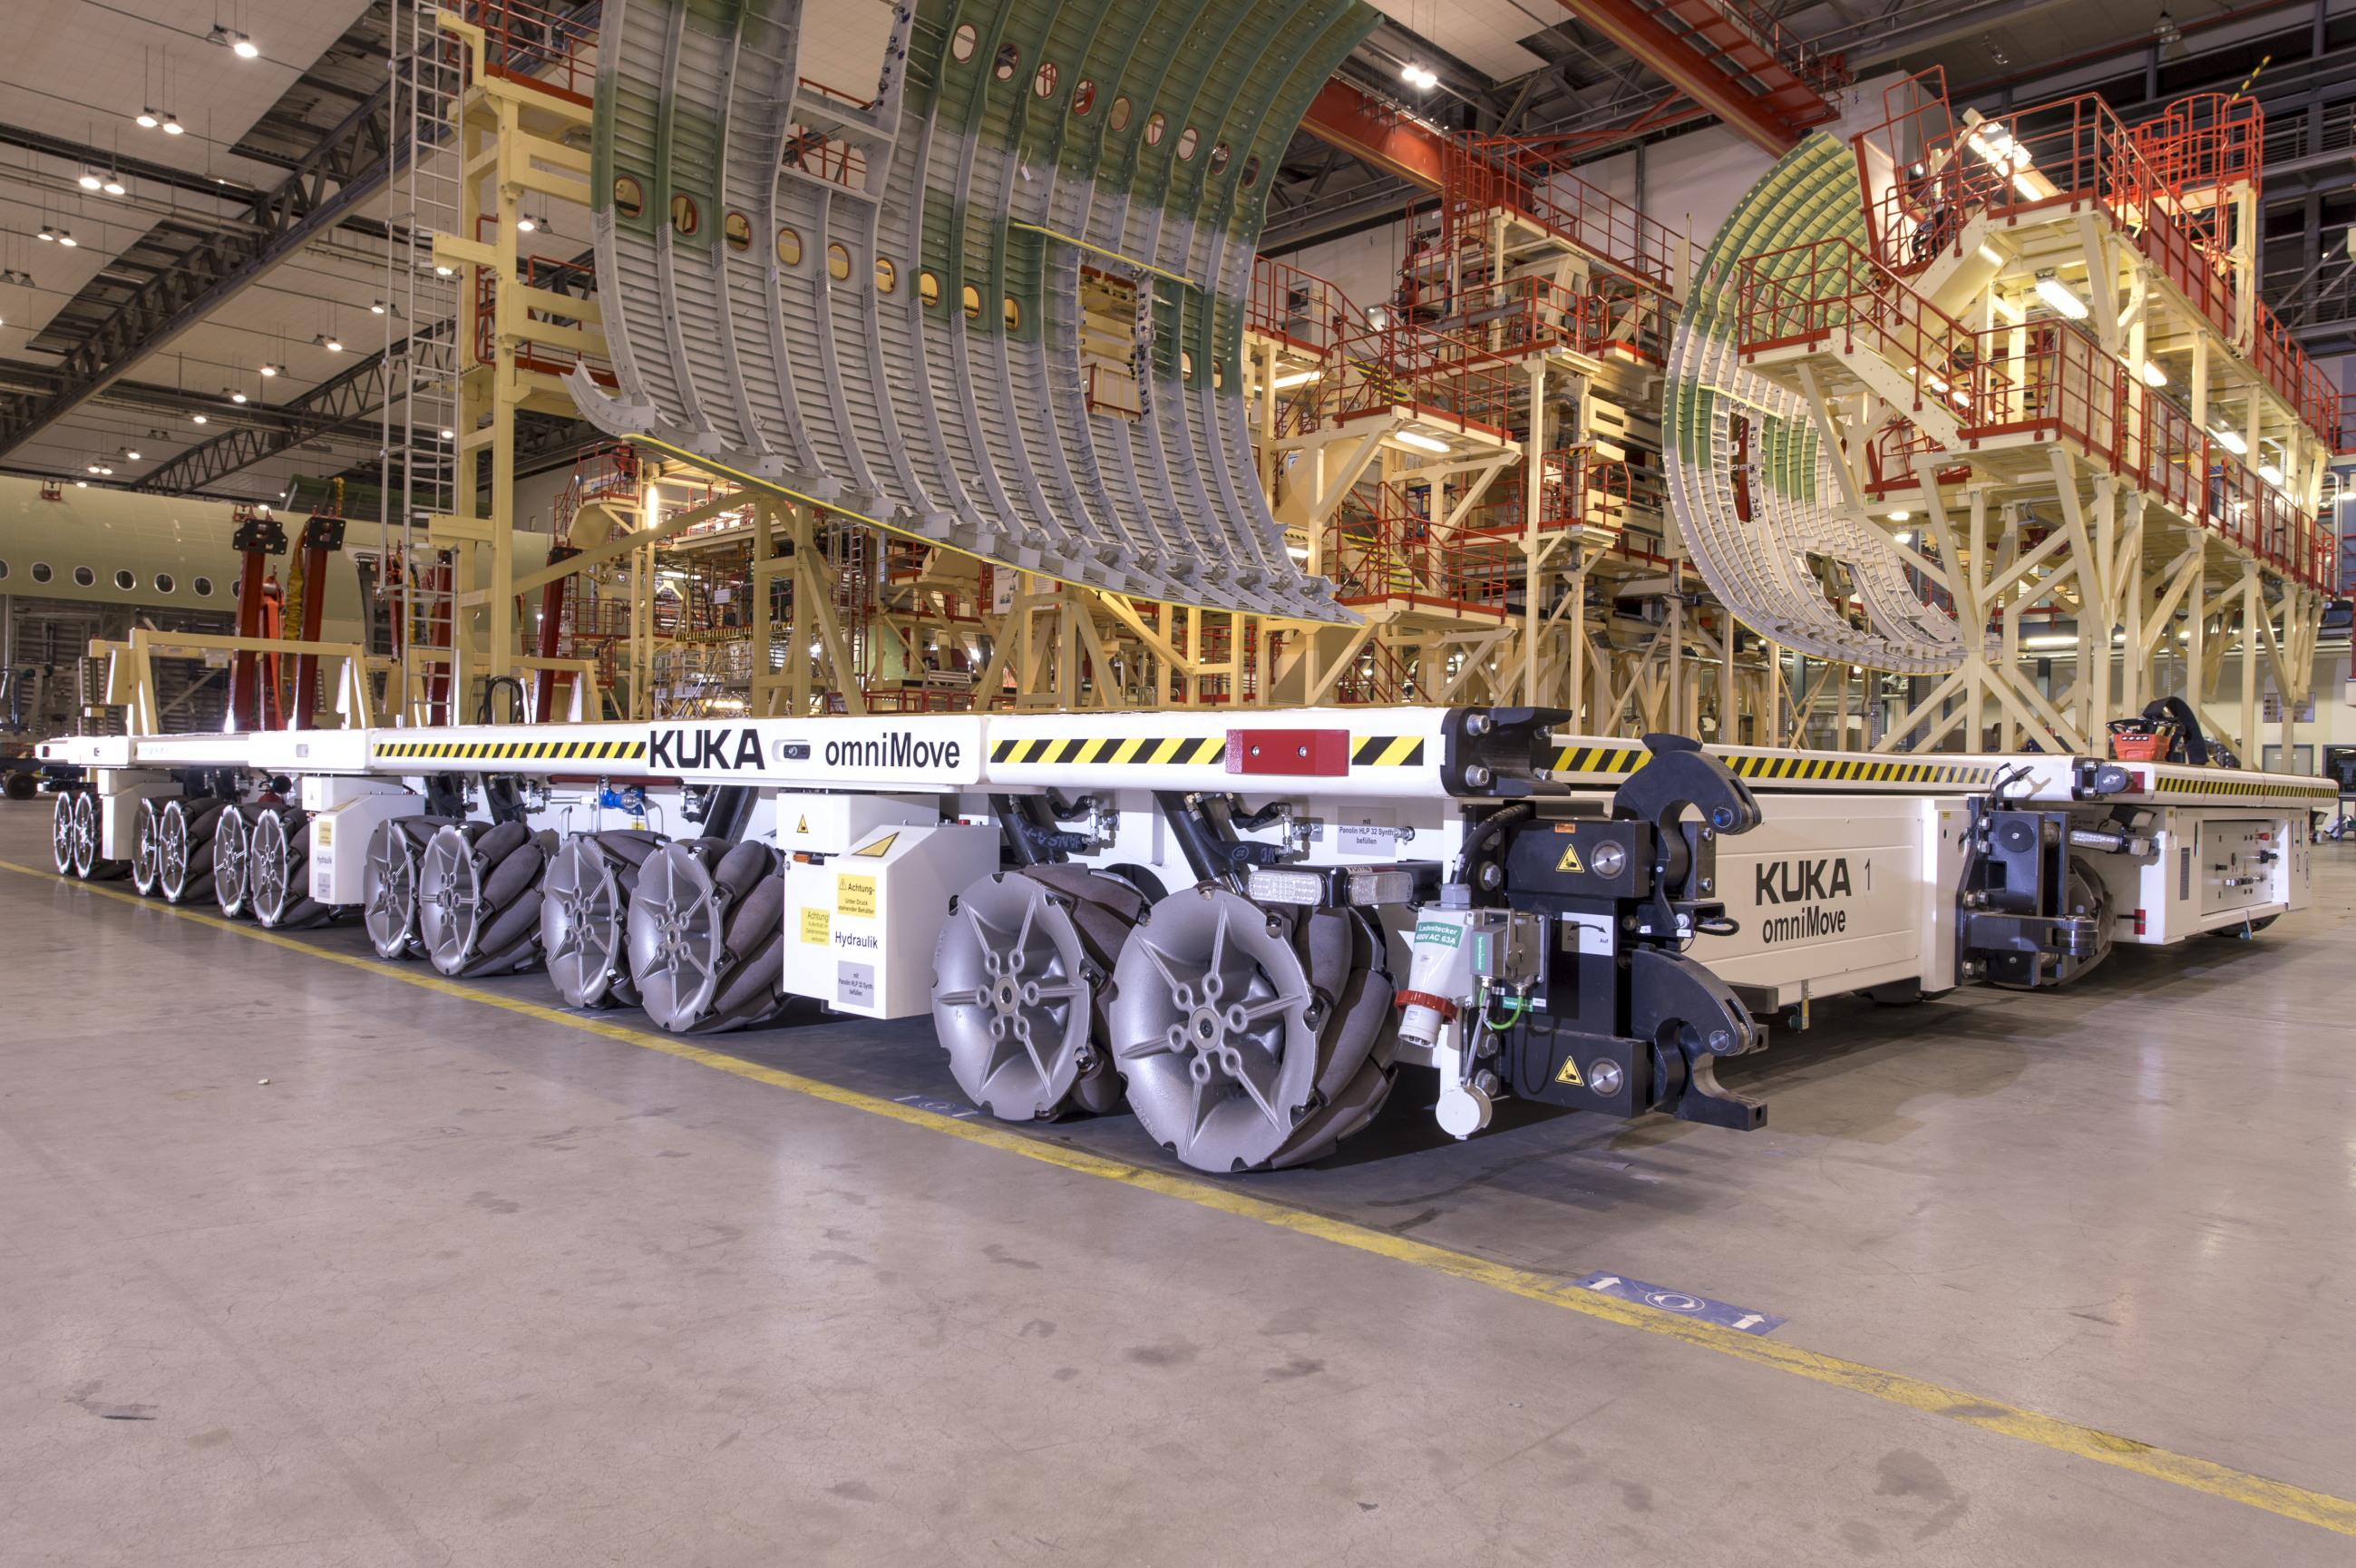 Zwei KUKA omniMove tragen wesentlich zur Flexibilisierung der Fertigung des Airbus A380 bei.